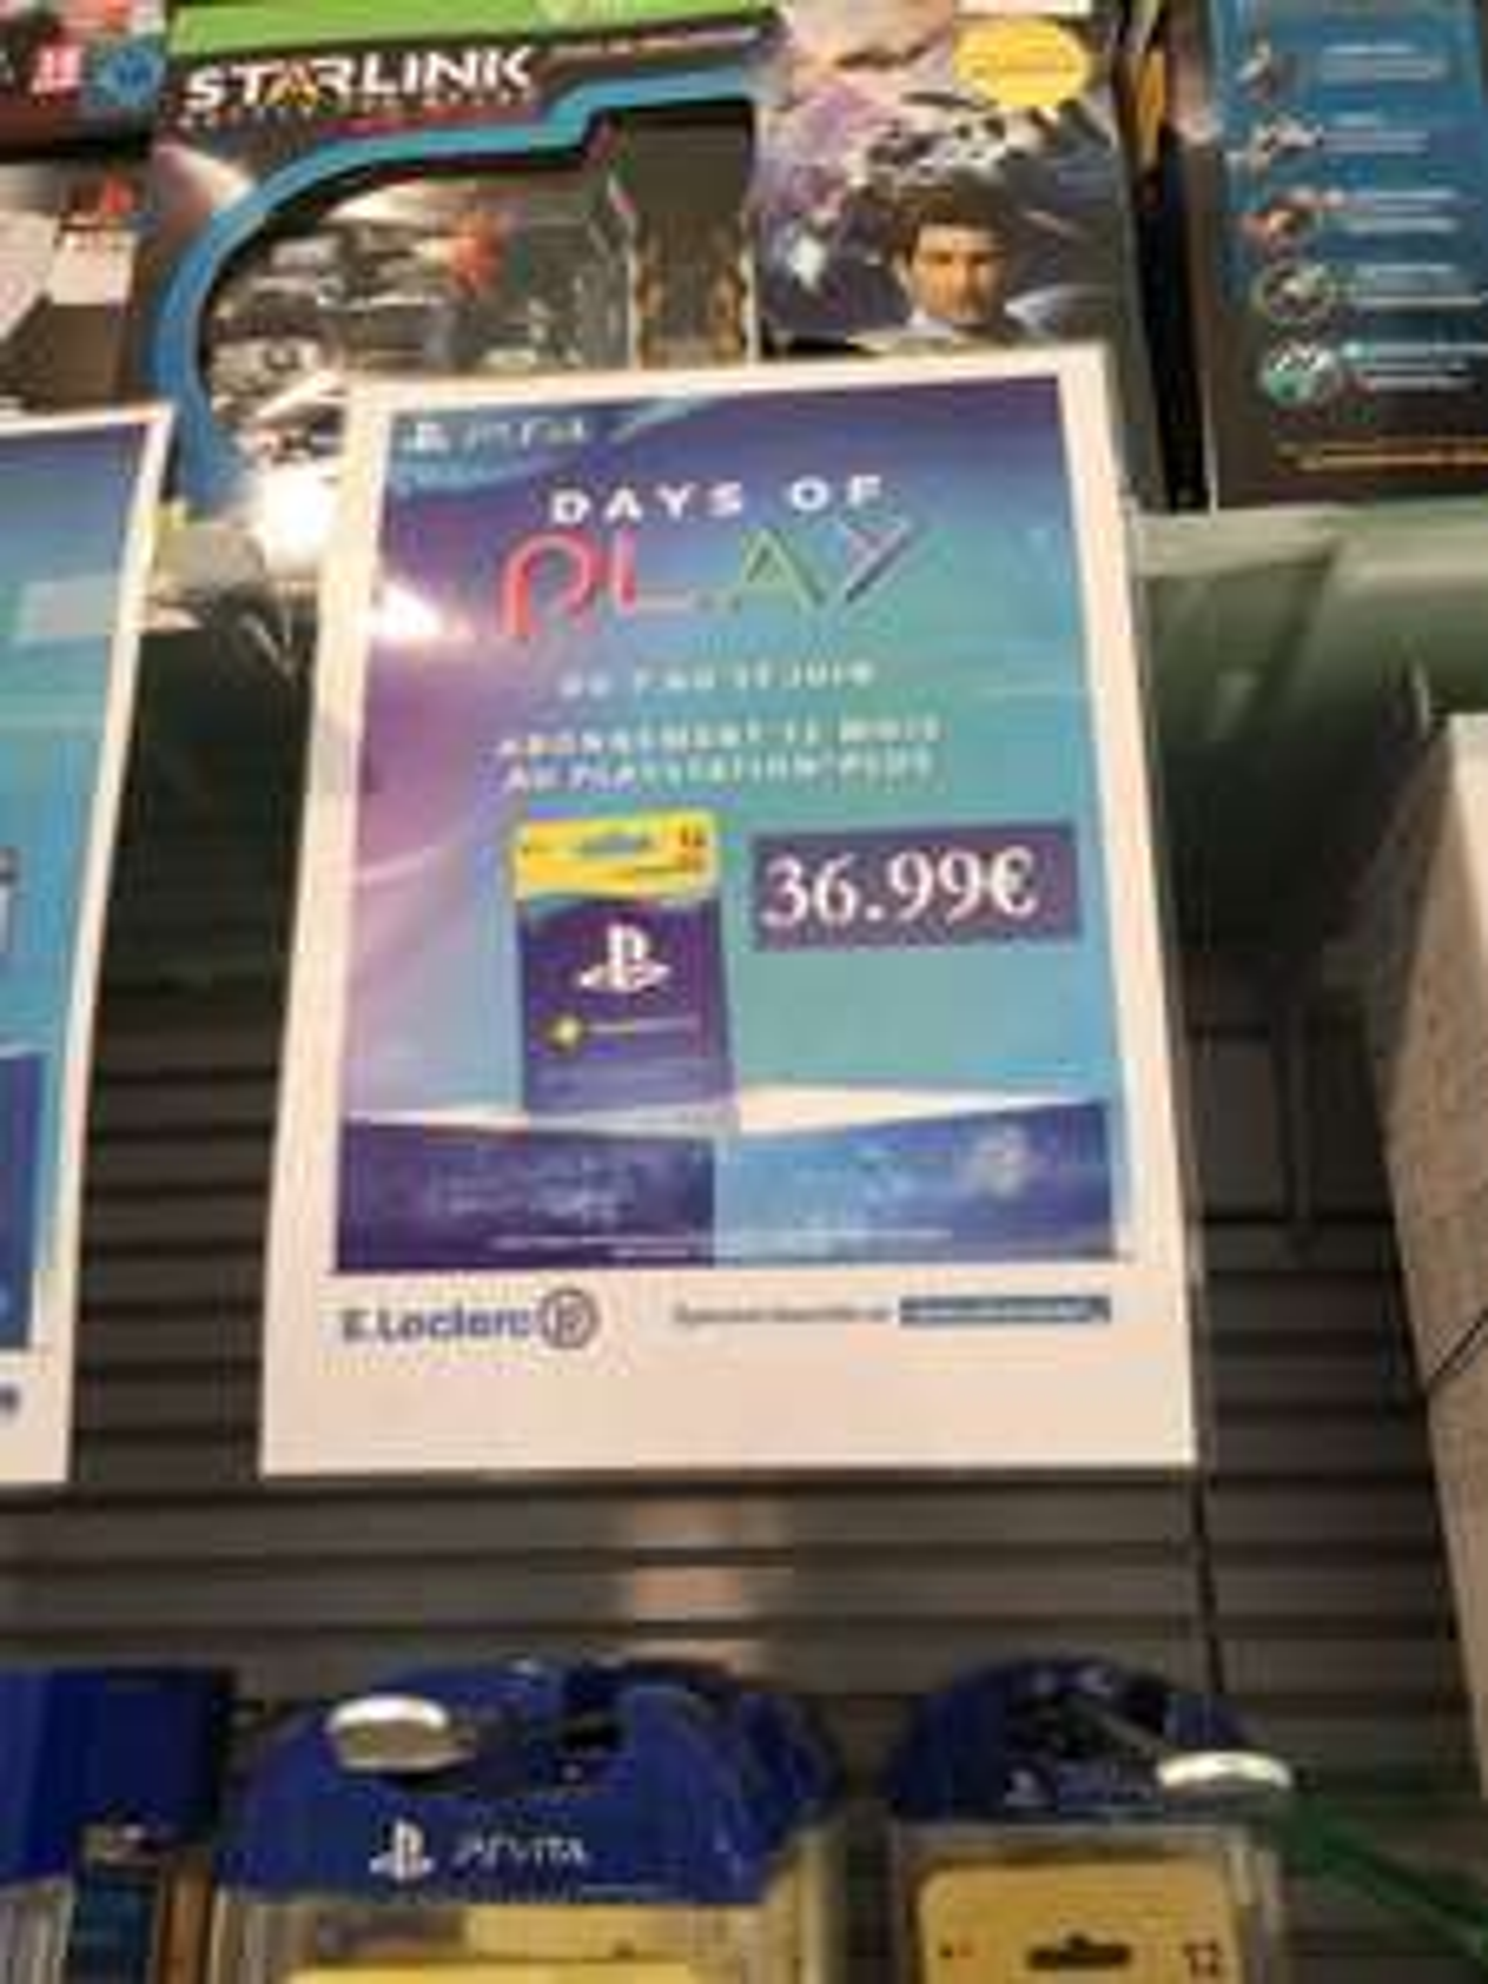 Abonnement Playstation Plus 12 Mois - Clermont-Ferrand (63)